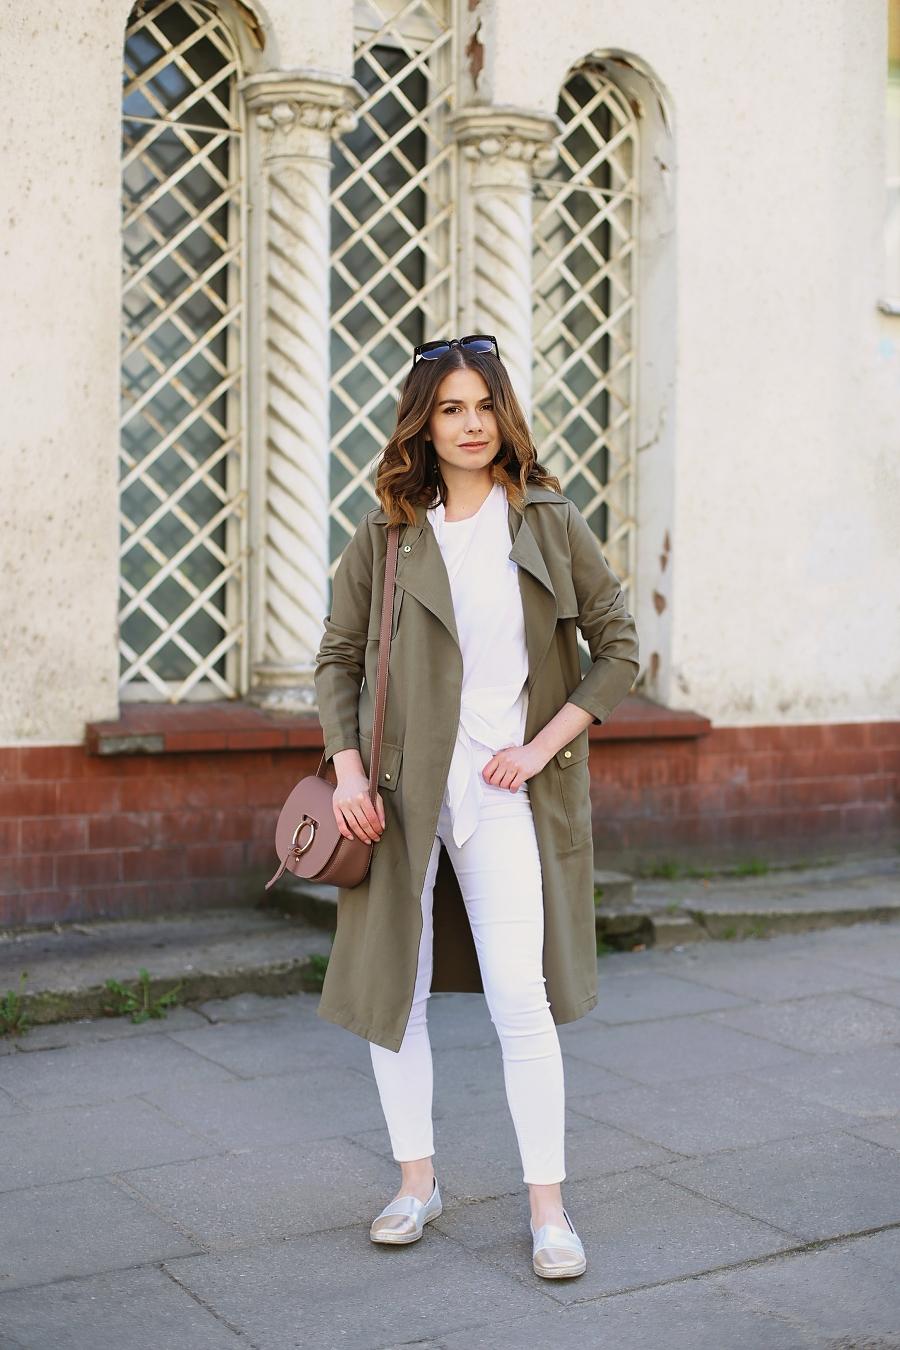 Białe jeansy, T-shirt z wiązaniem, torebka z okrągłą metalową obręczą, trencz